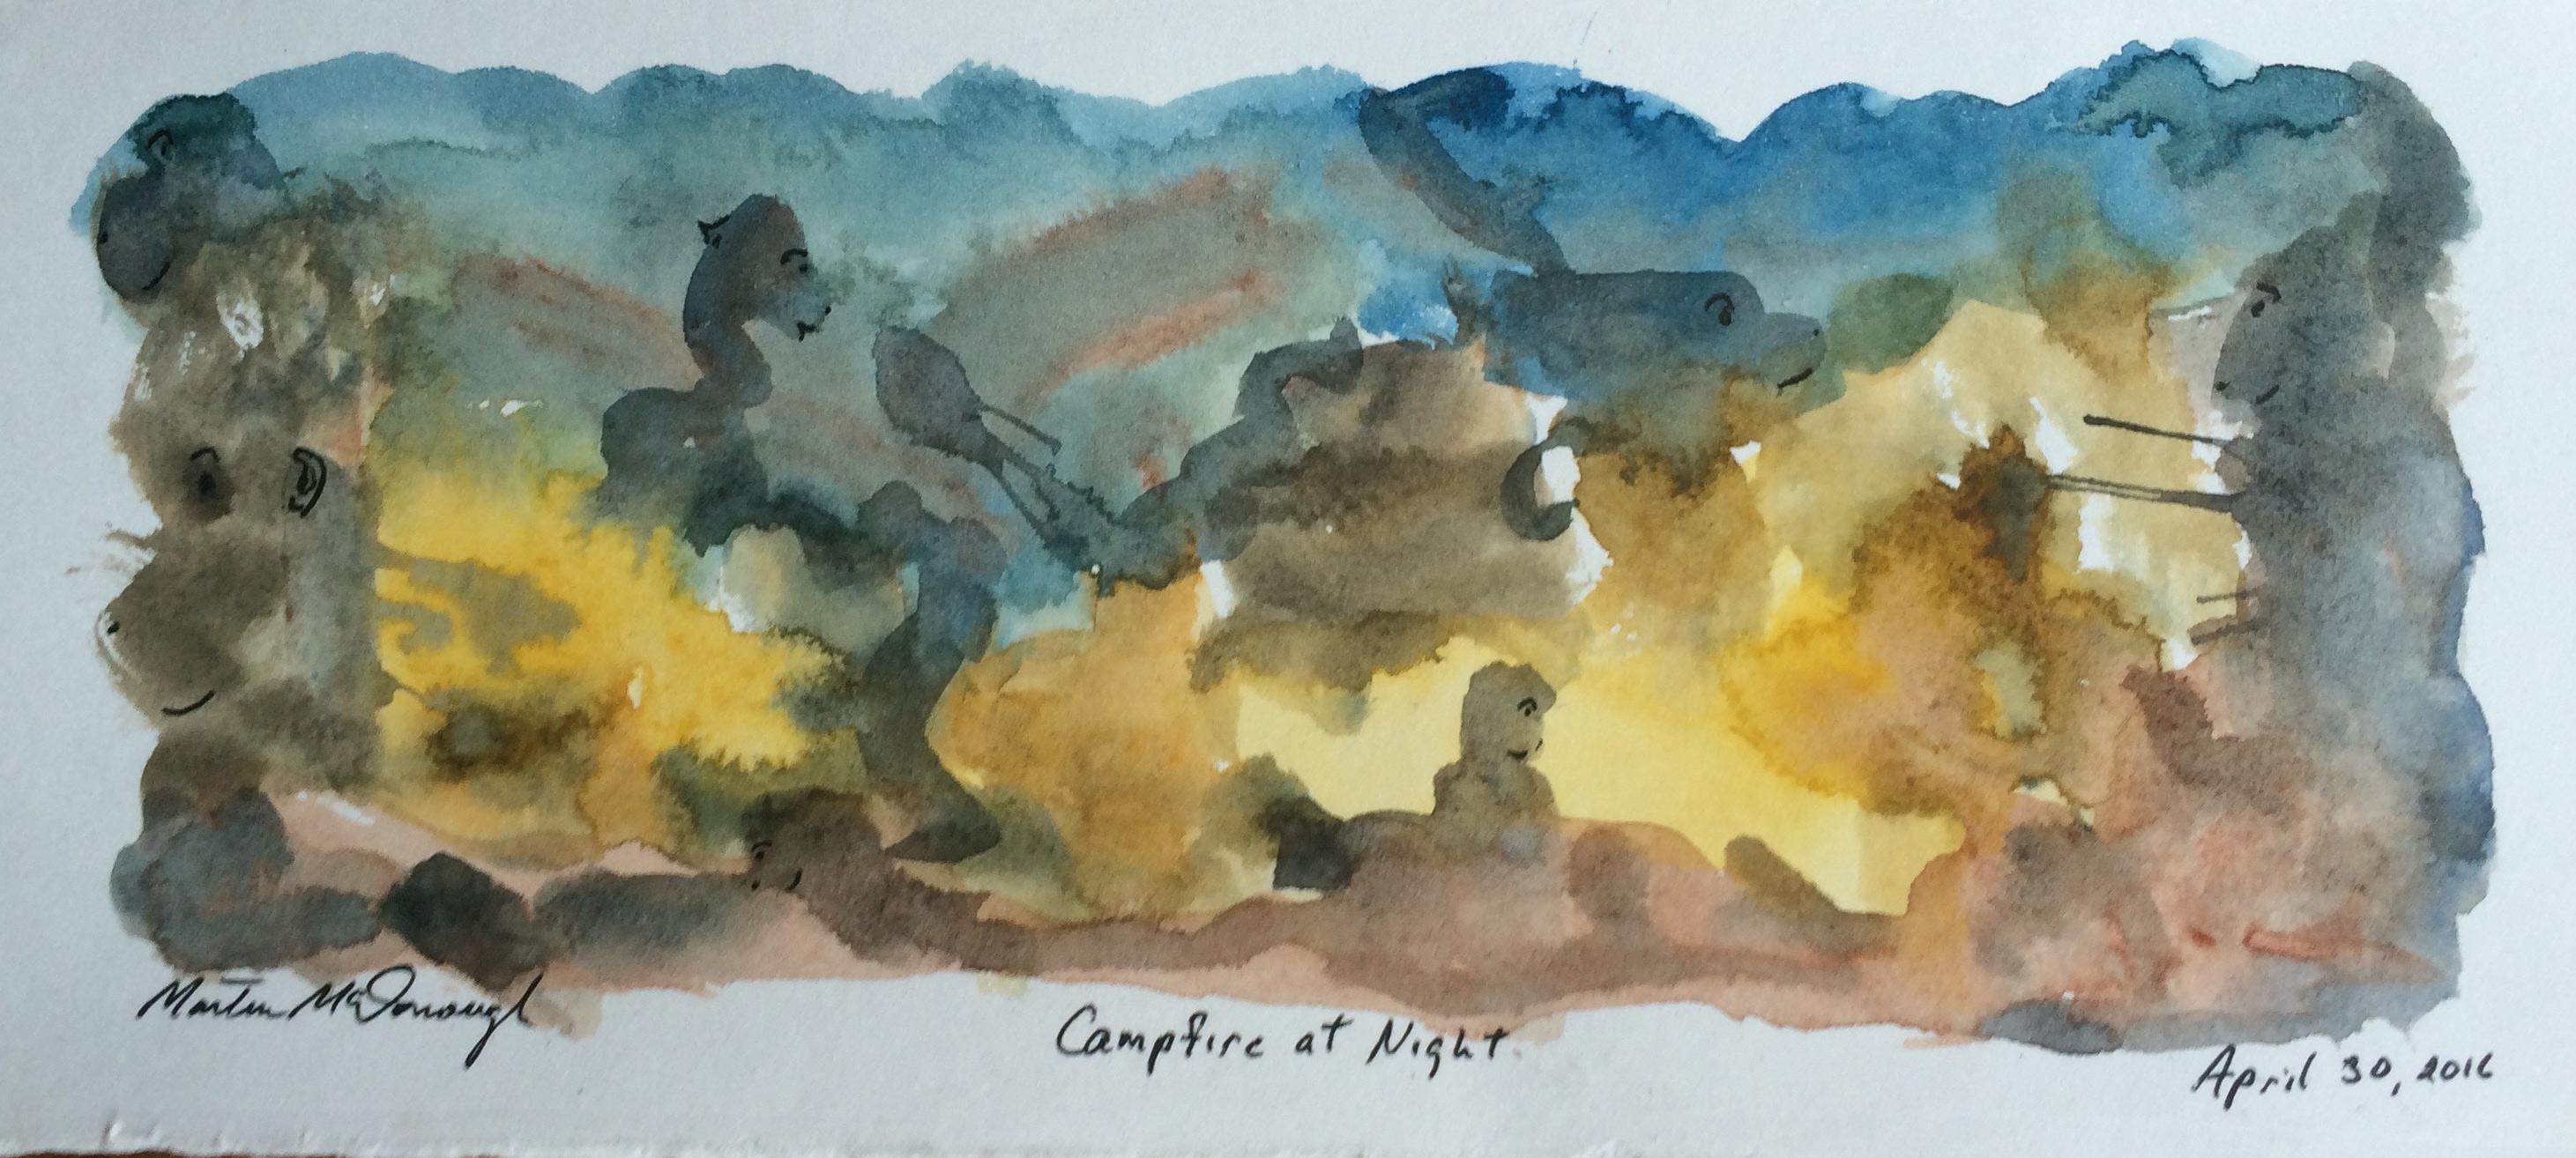 campfire_at_night_web